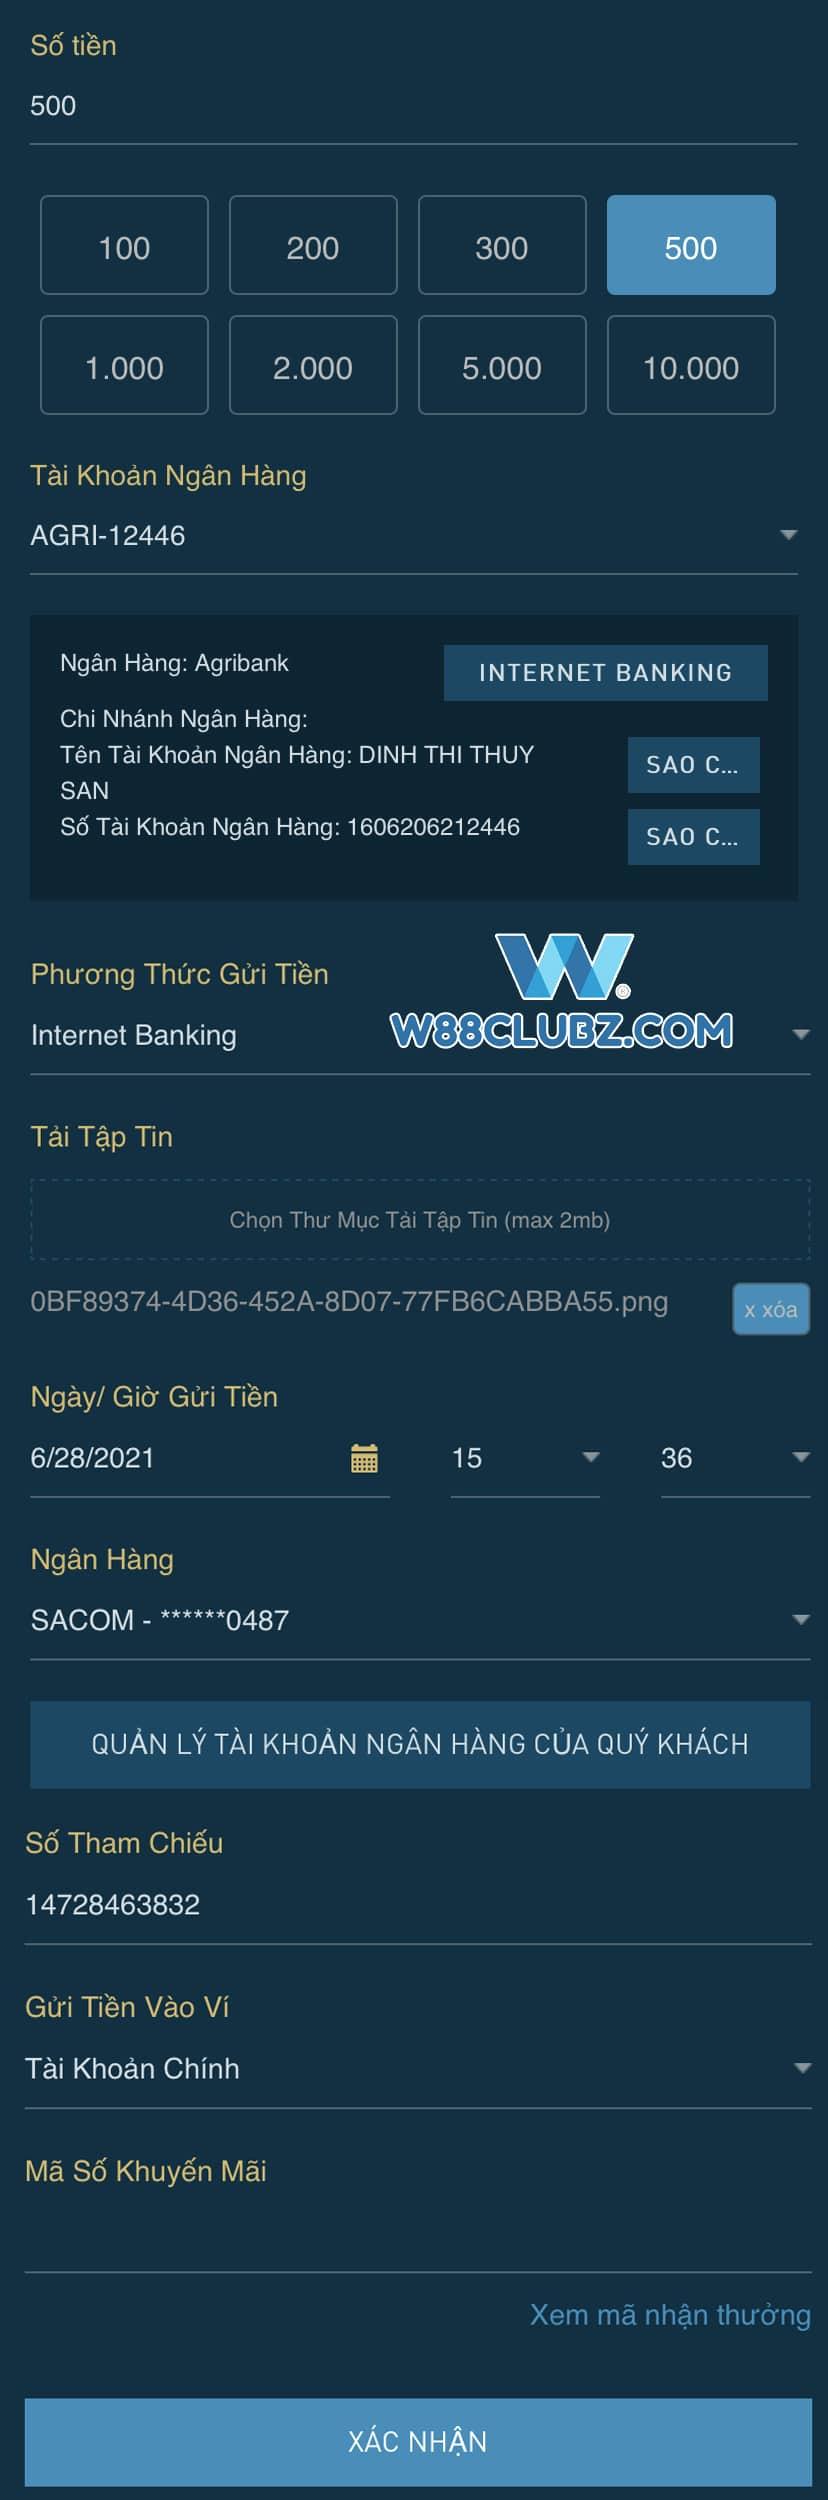 Hoan tat thong tin gui tien W88